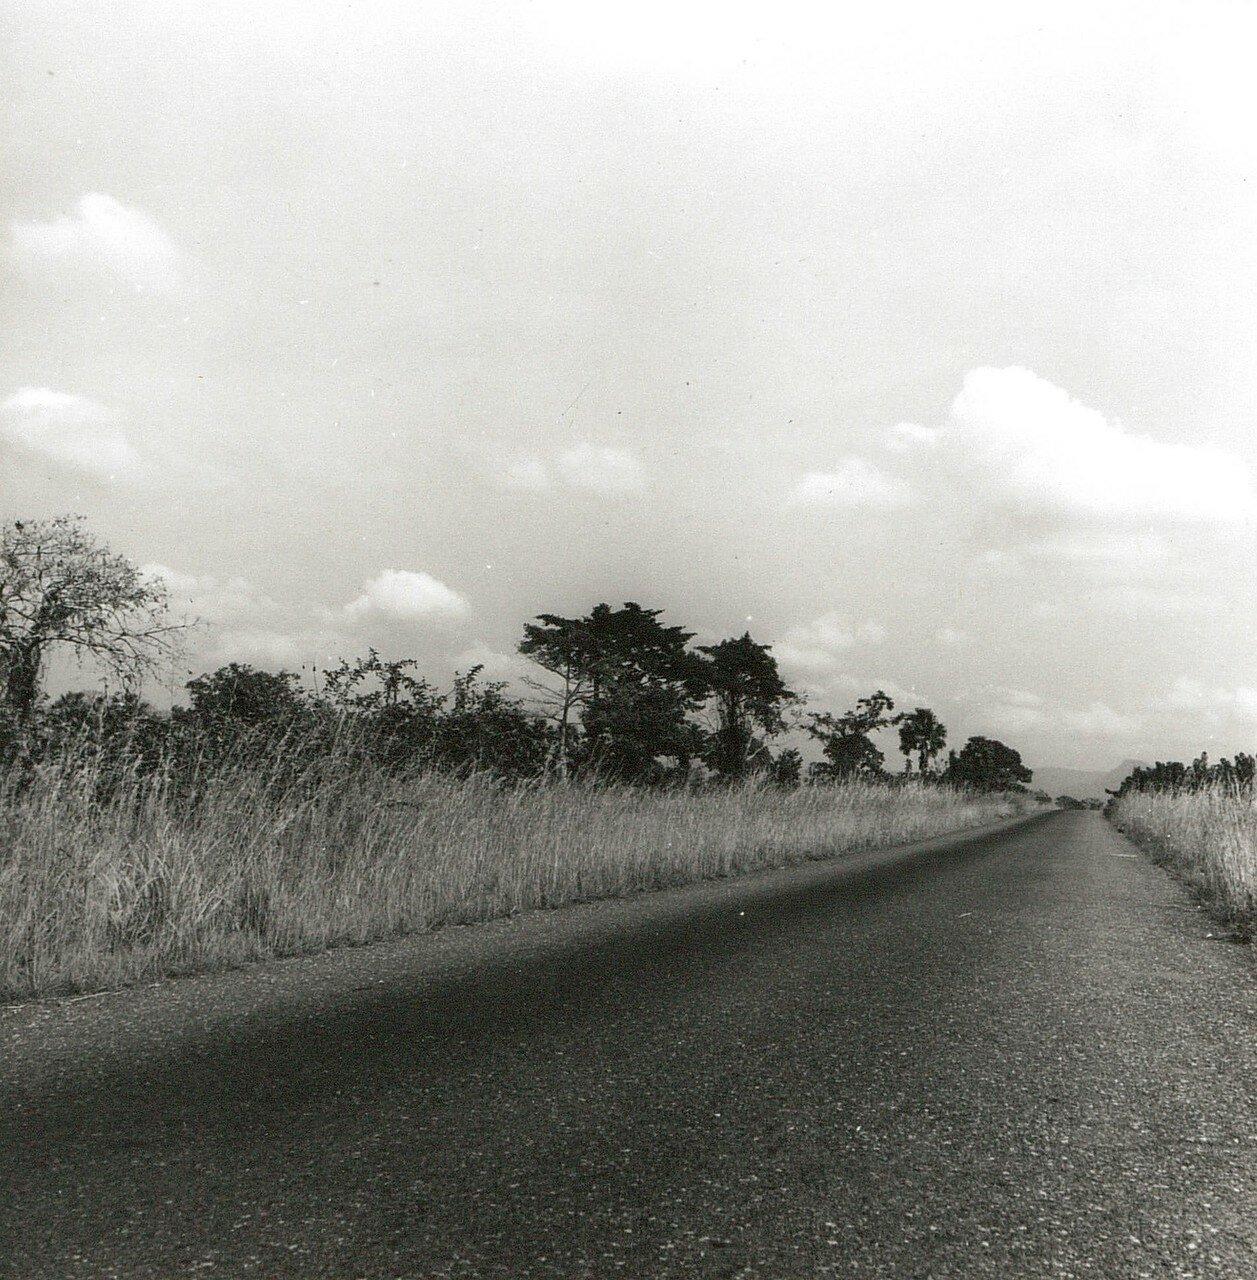 Гана. Аккра. Холмы Аквапим. Асфальтовая дорога Аккра-Соманья пролегающая через саванну